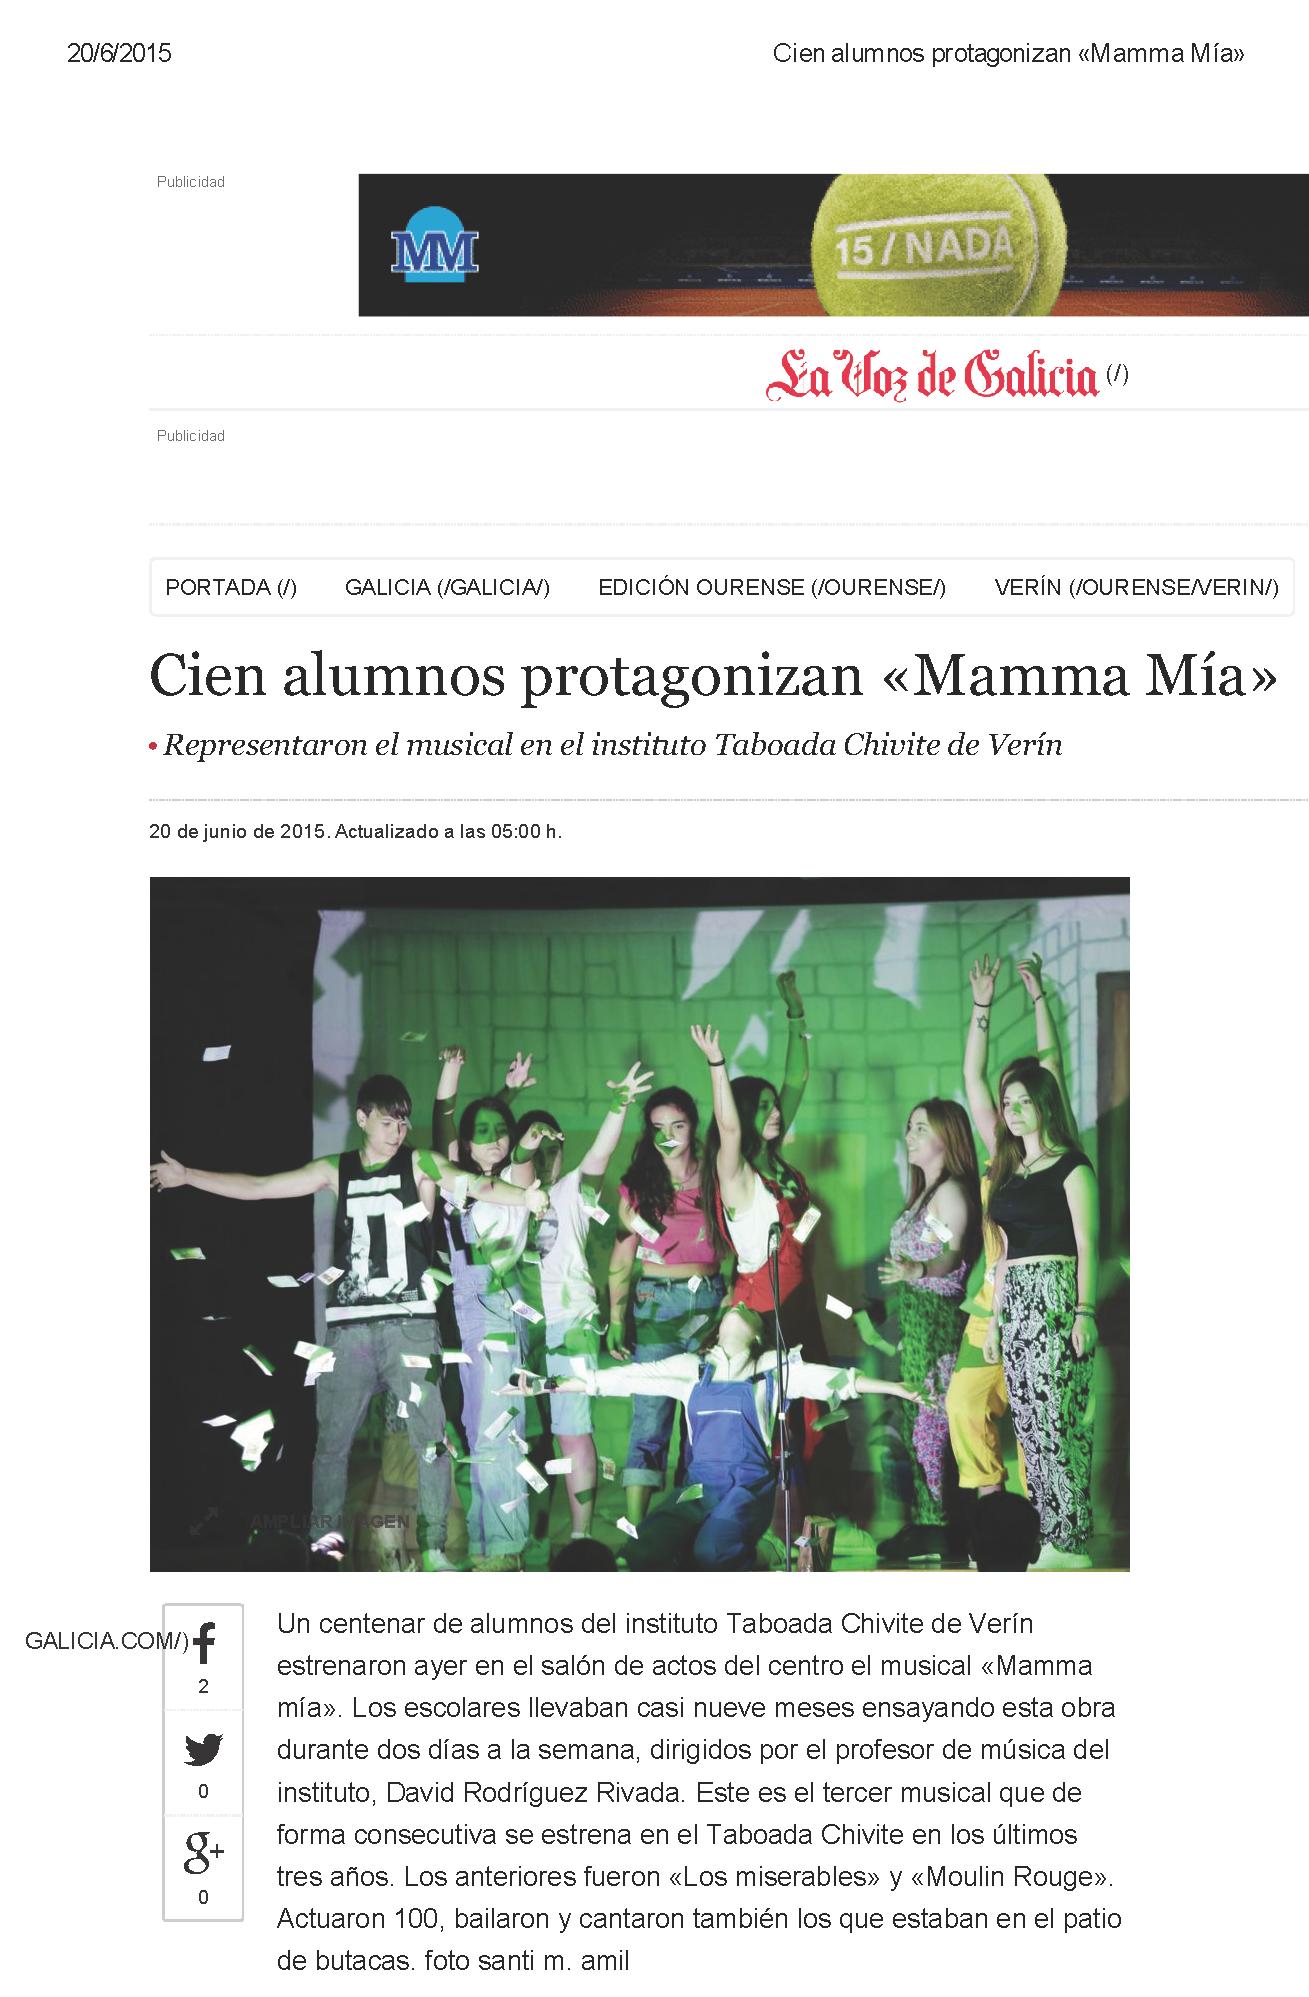 Mamma Mia La Voz de Galicia